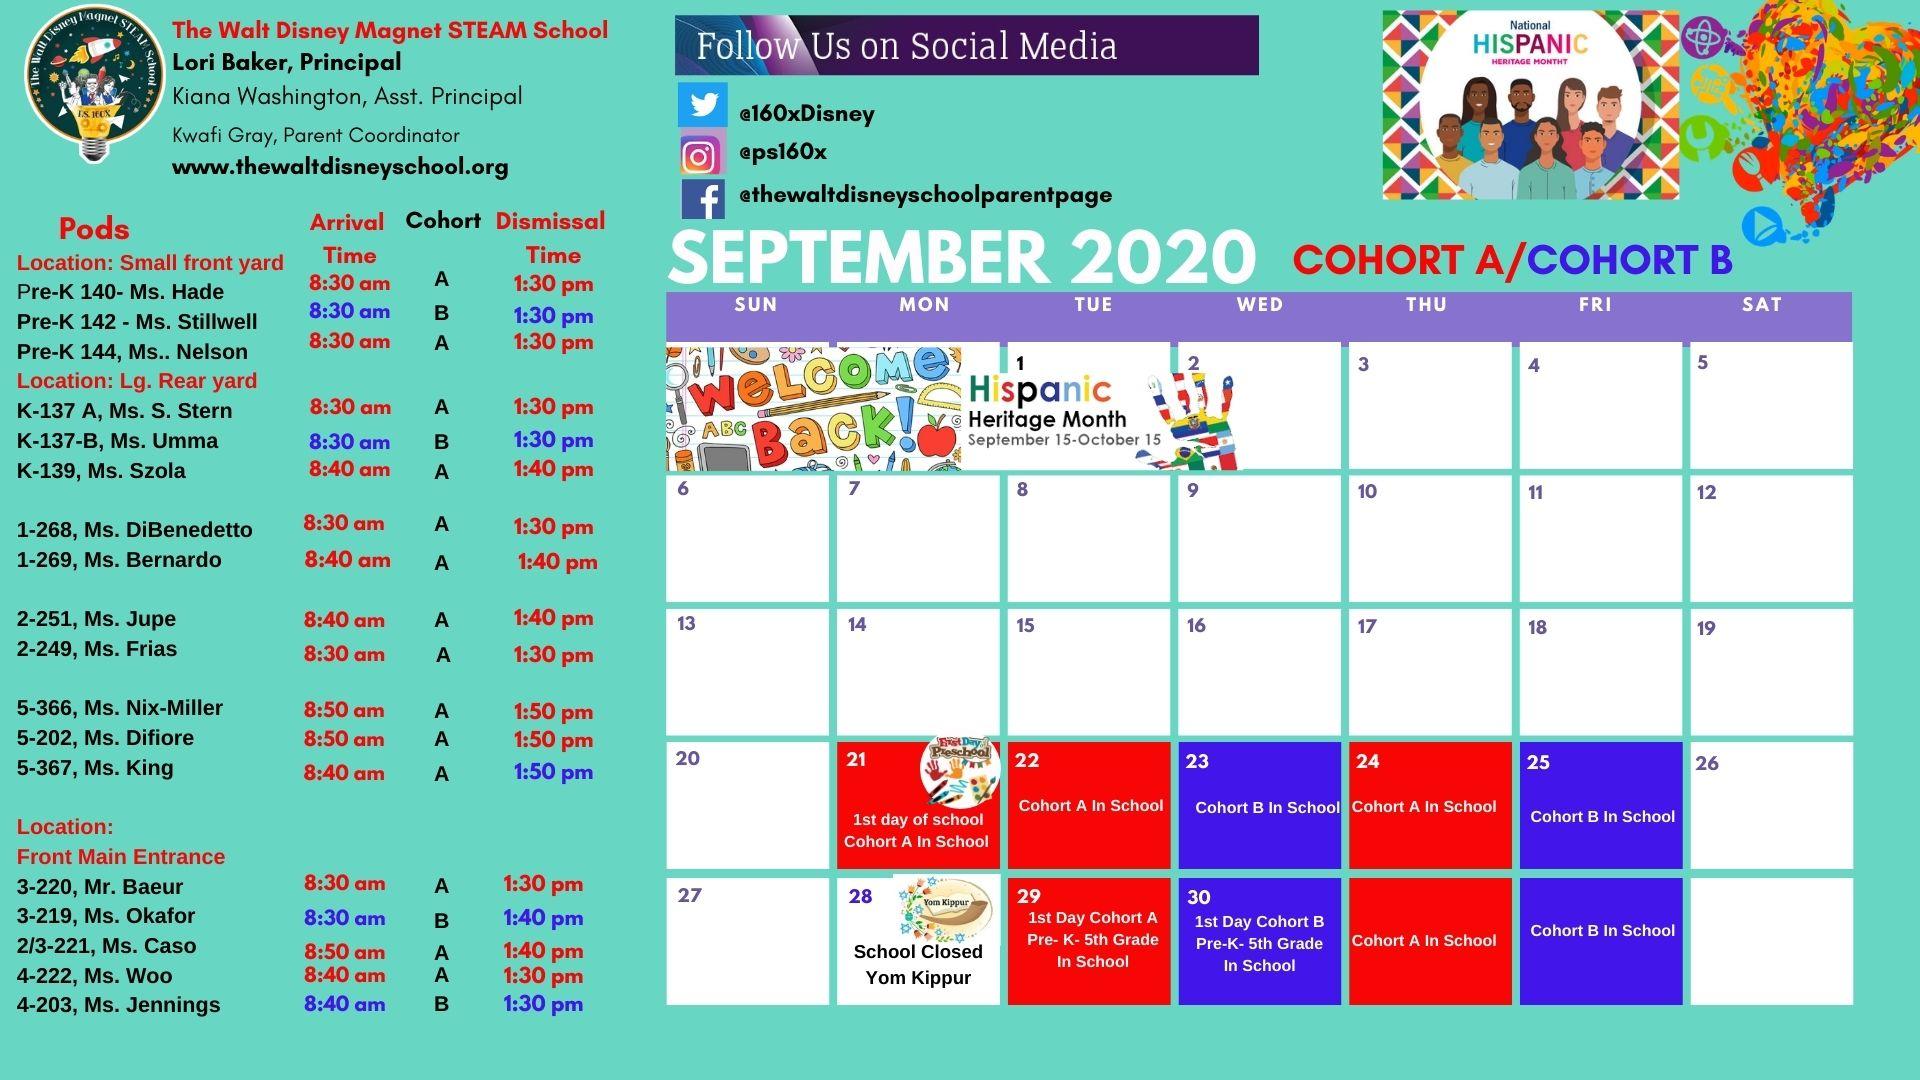 Student Sept. 2020 Calendar- Cohort A & B